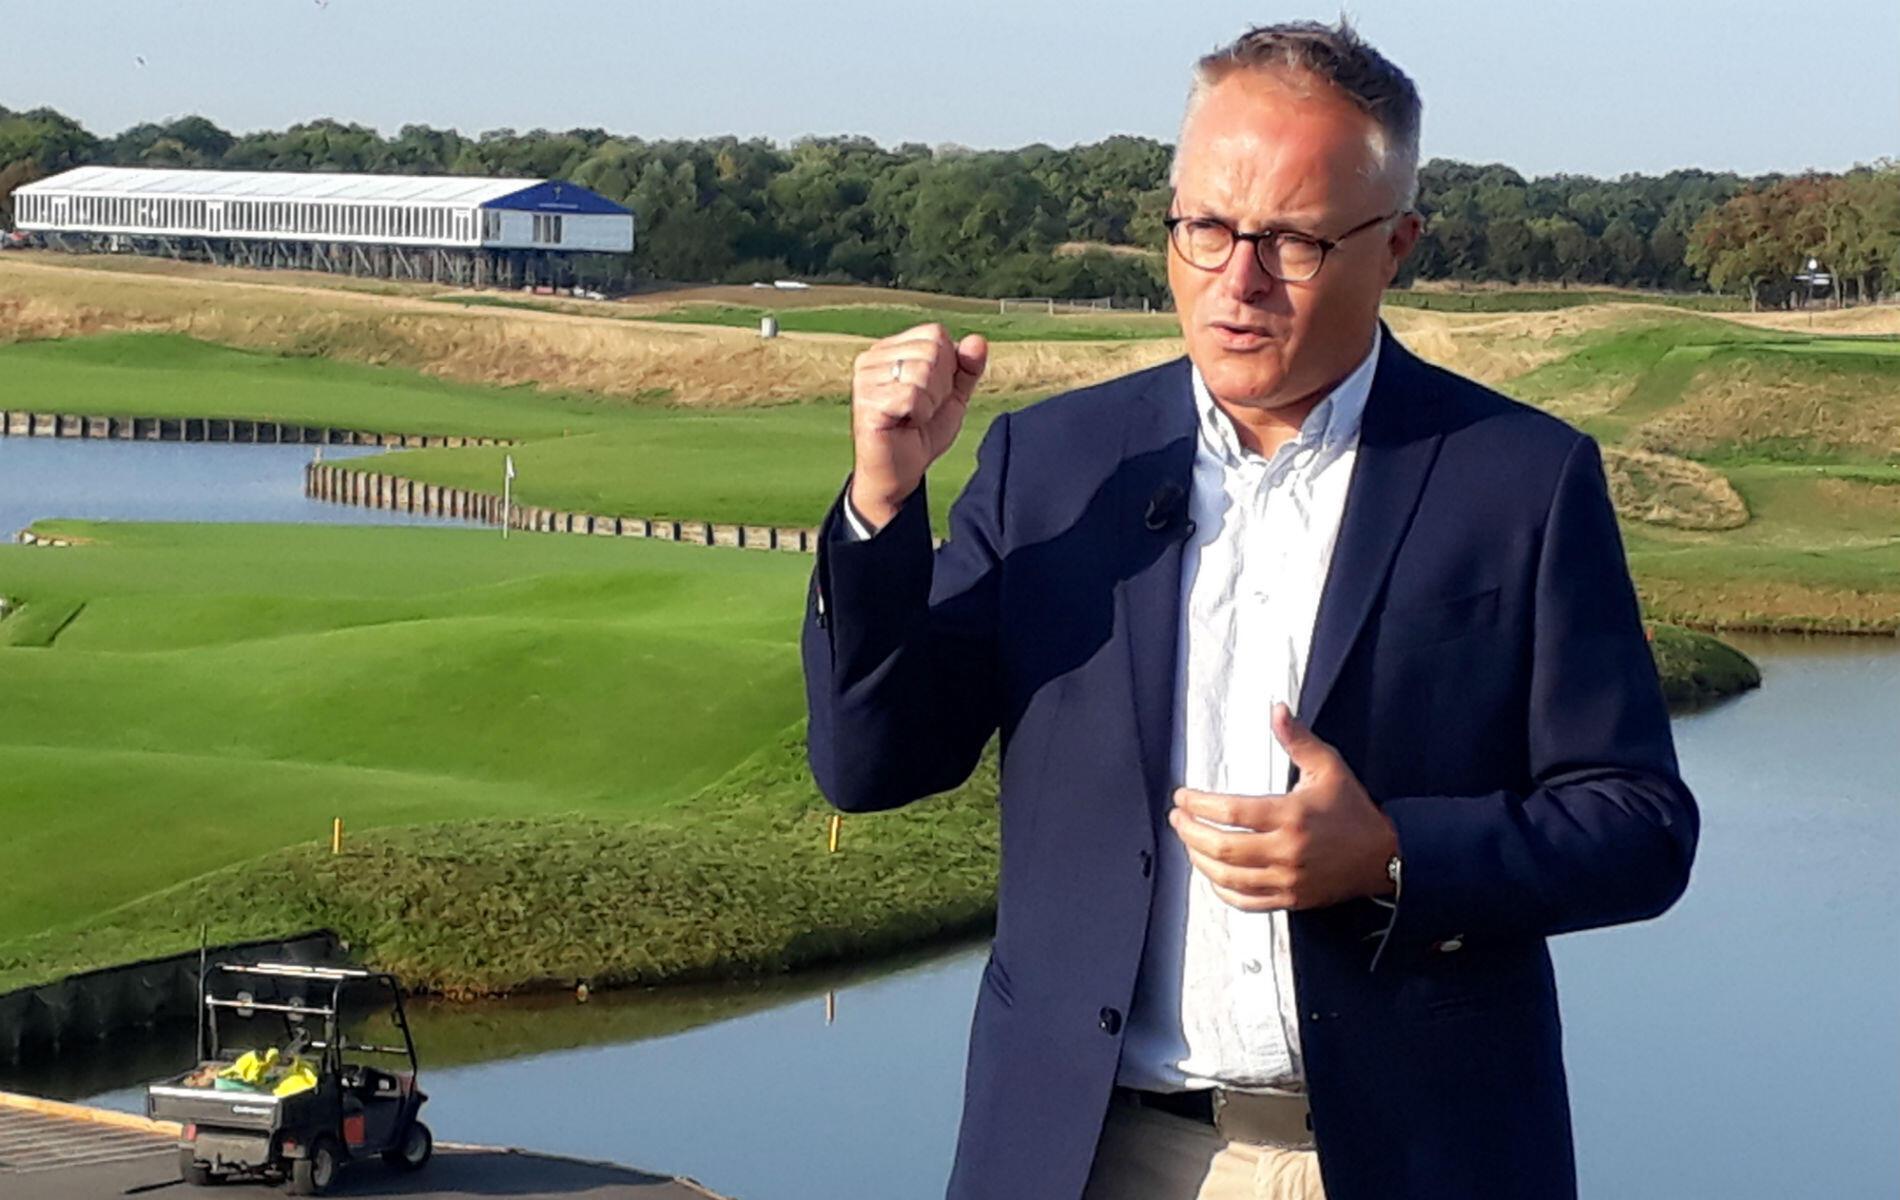 """Pour Paul Armitage, le directeur du Golf national, cette Ryder Cup constitue une """"occasion unique d'apporter un coup de projecteur inédit au golf hexagonal""""."""